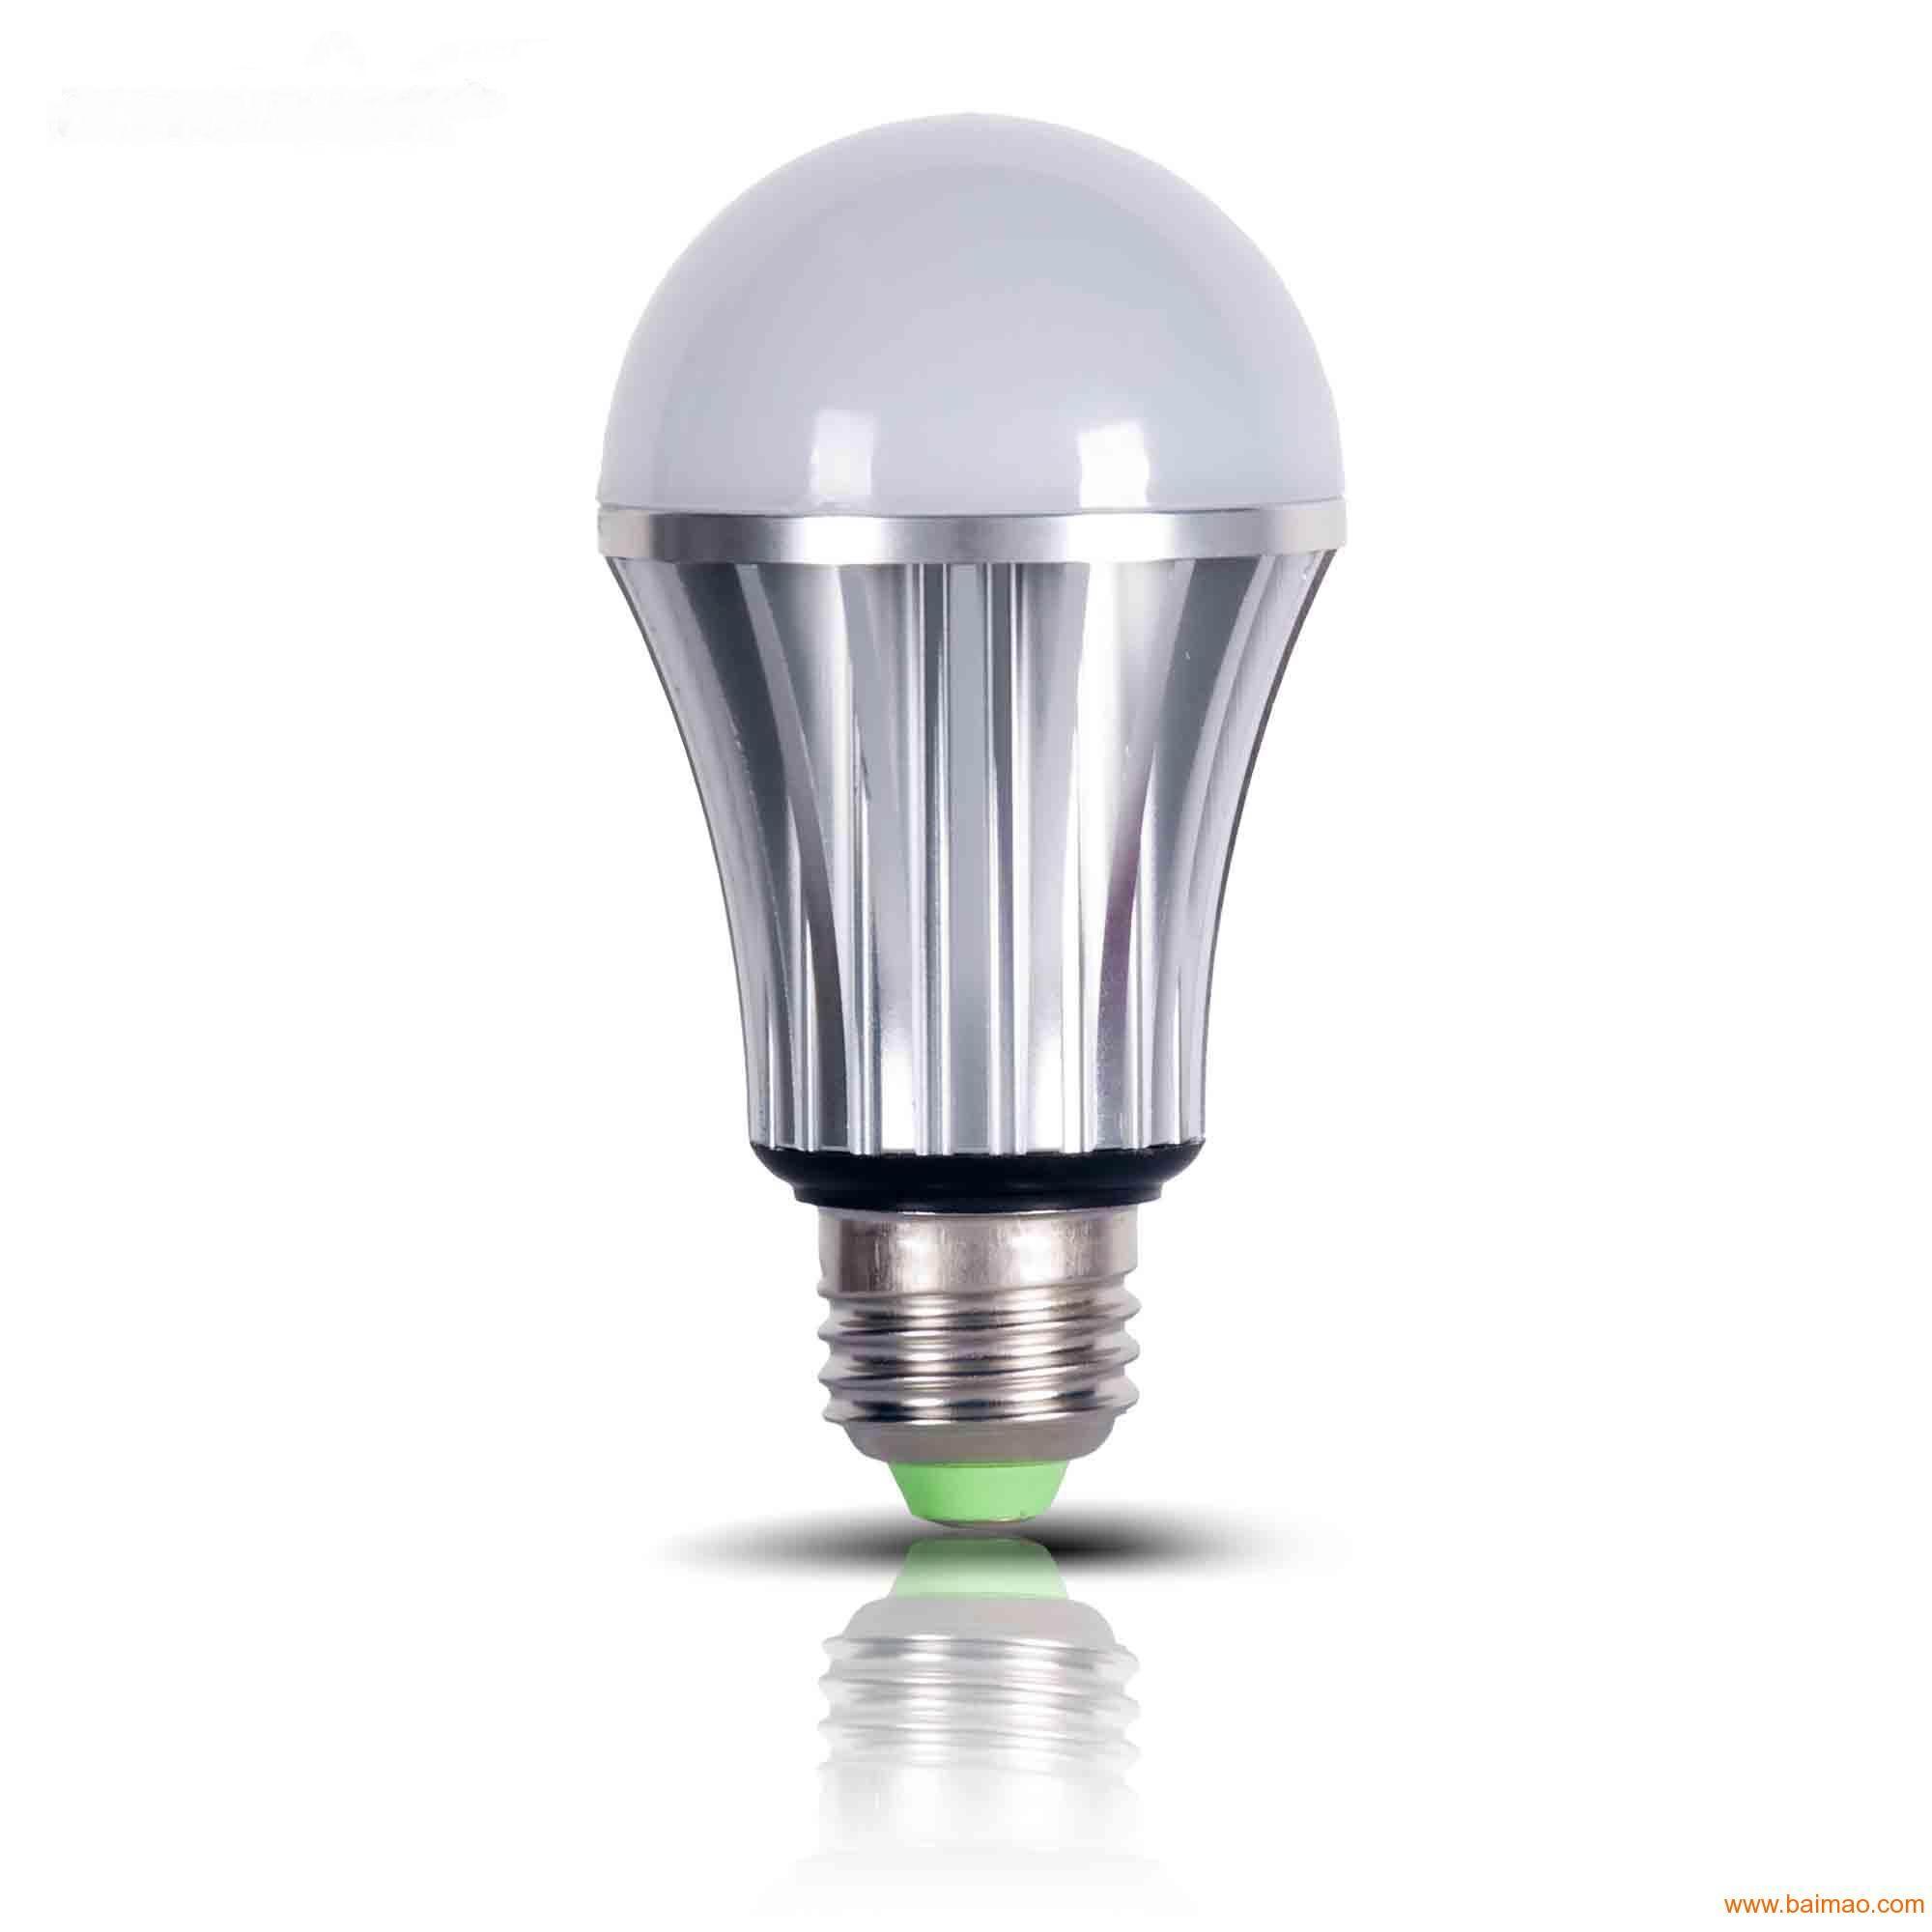 led球泡 gl b504 led灯具led节能灯